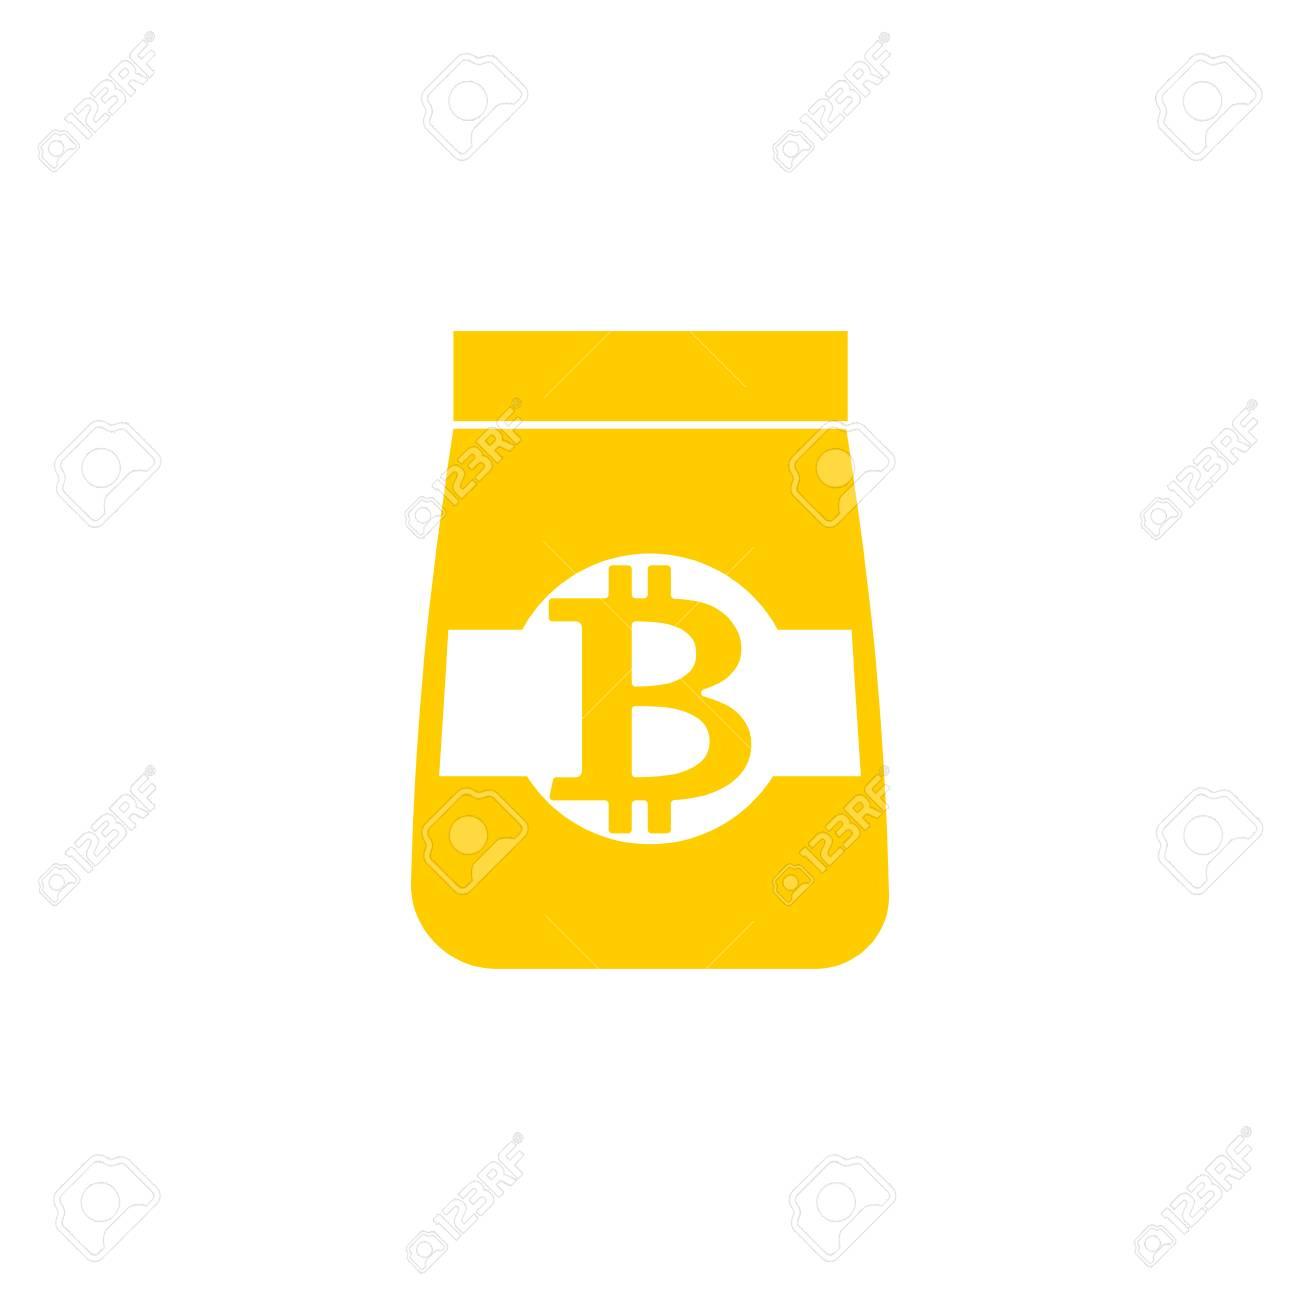 Australia, Bitcoin è moneta corrente ai fini della tassazione - Pagamenti Digitali